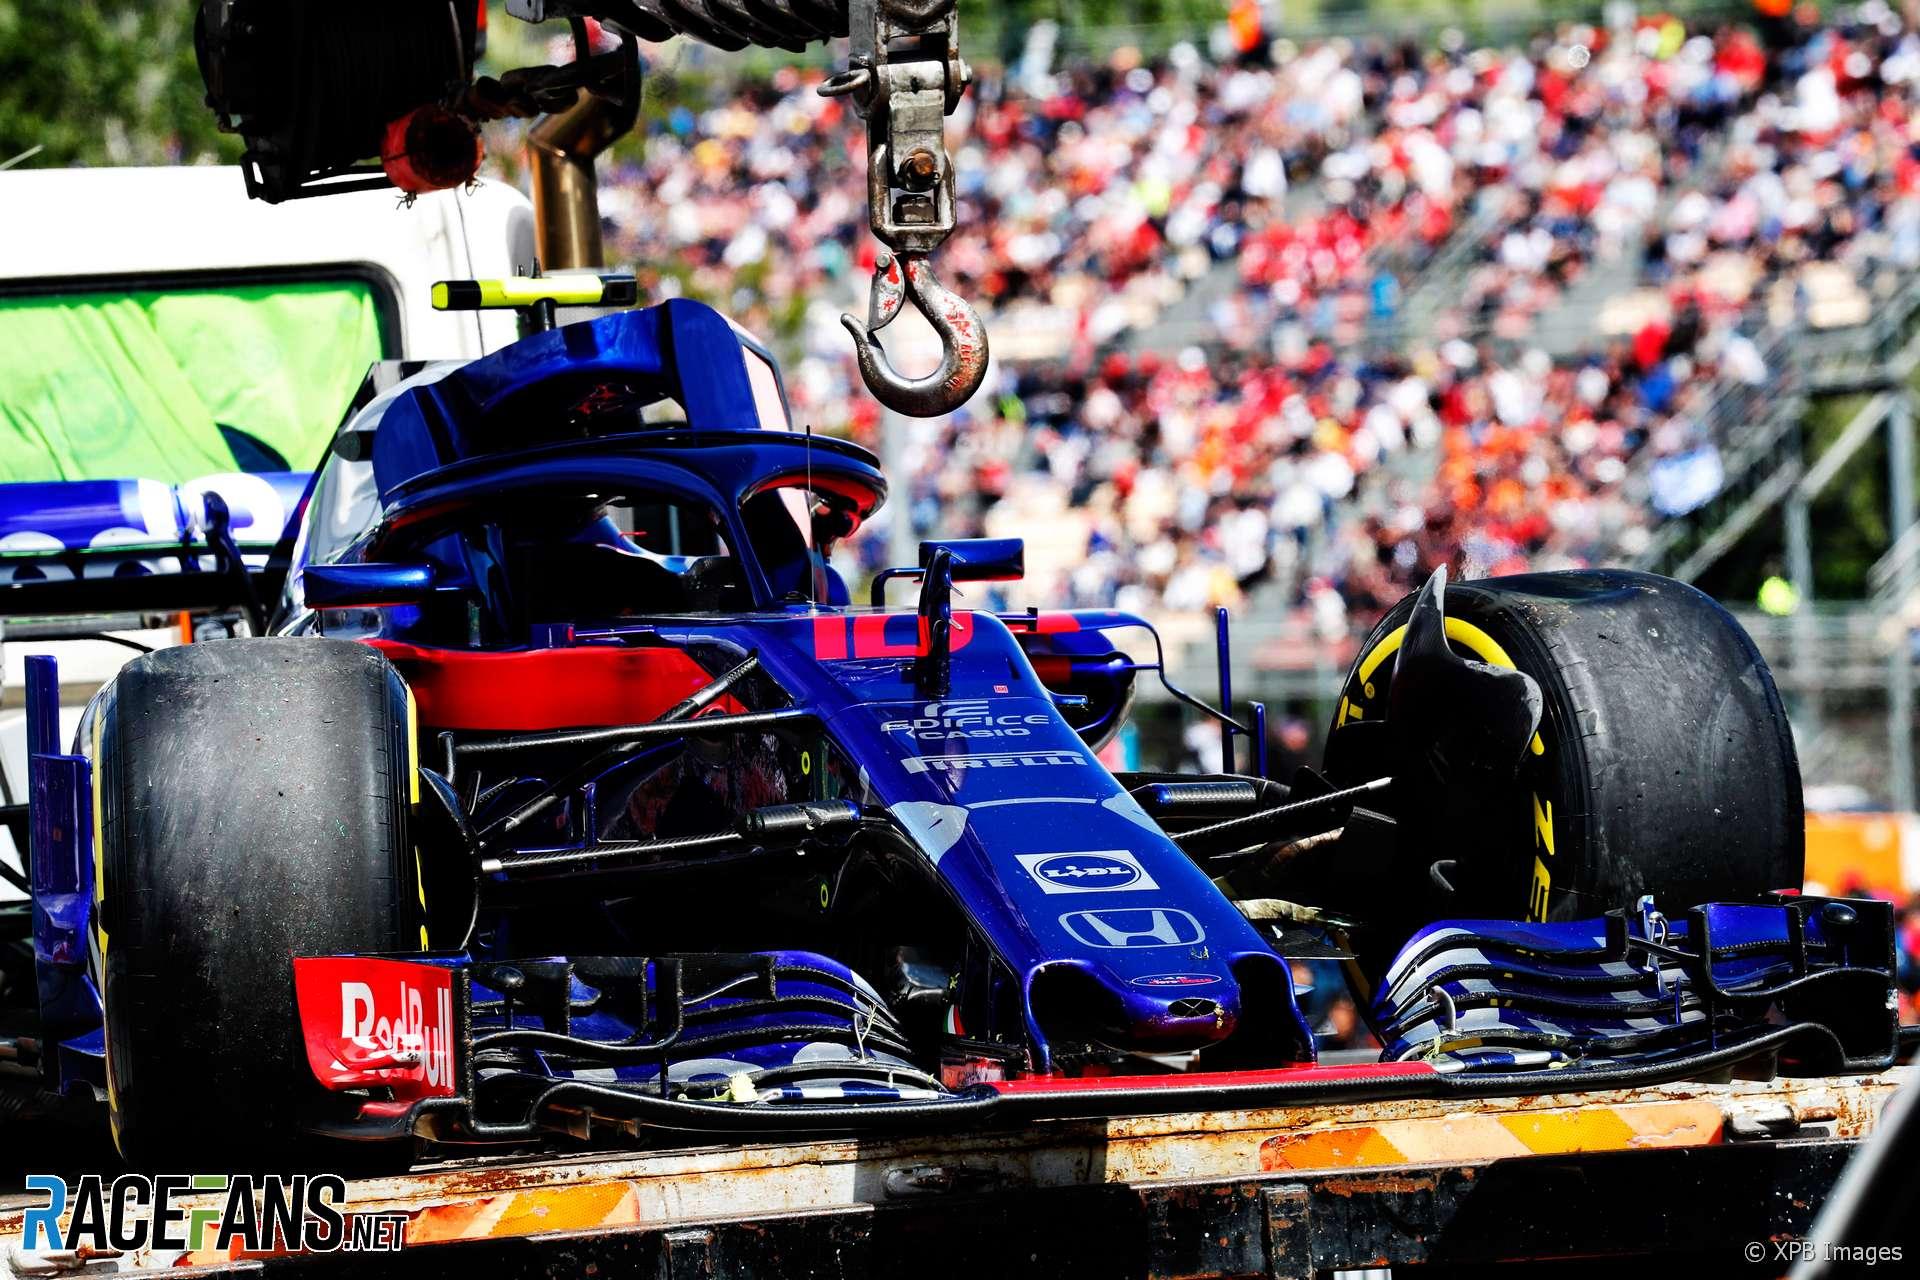 Pierre Gasly, Toro Rosso, Circuit de Catalunya, 2018